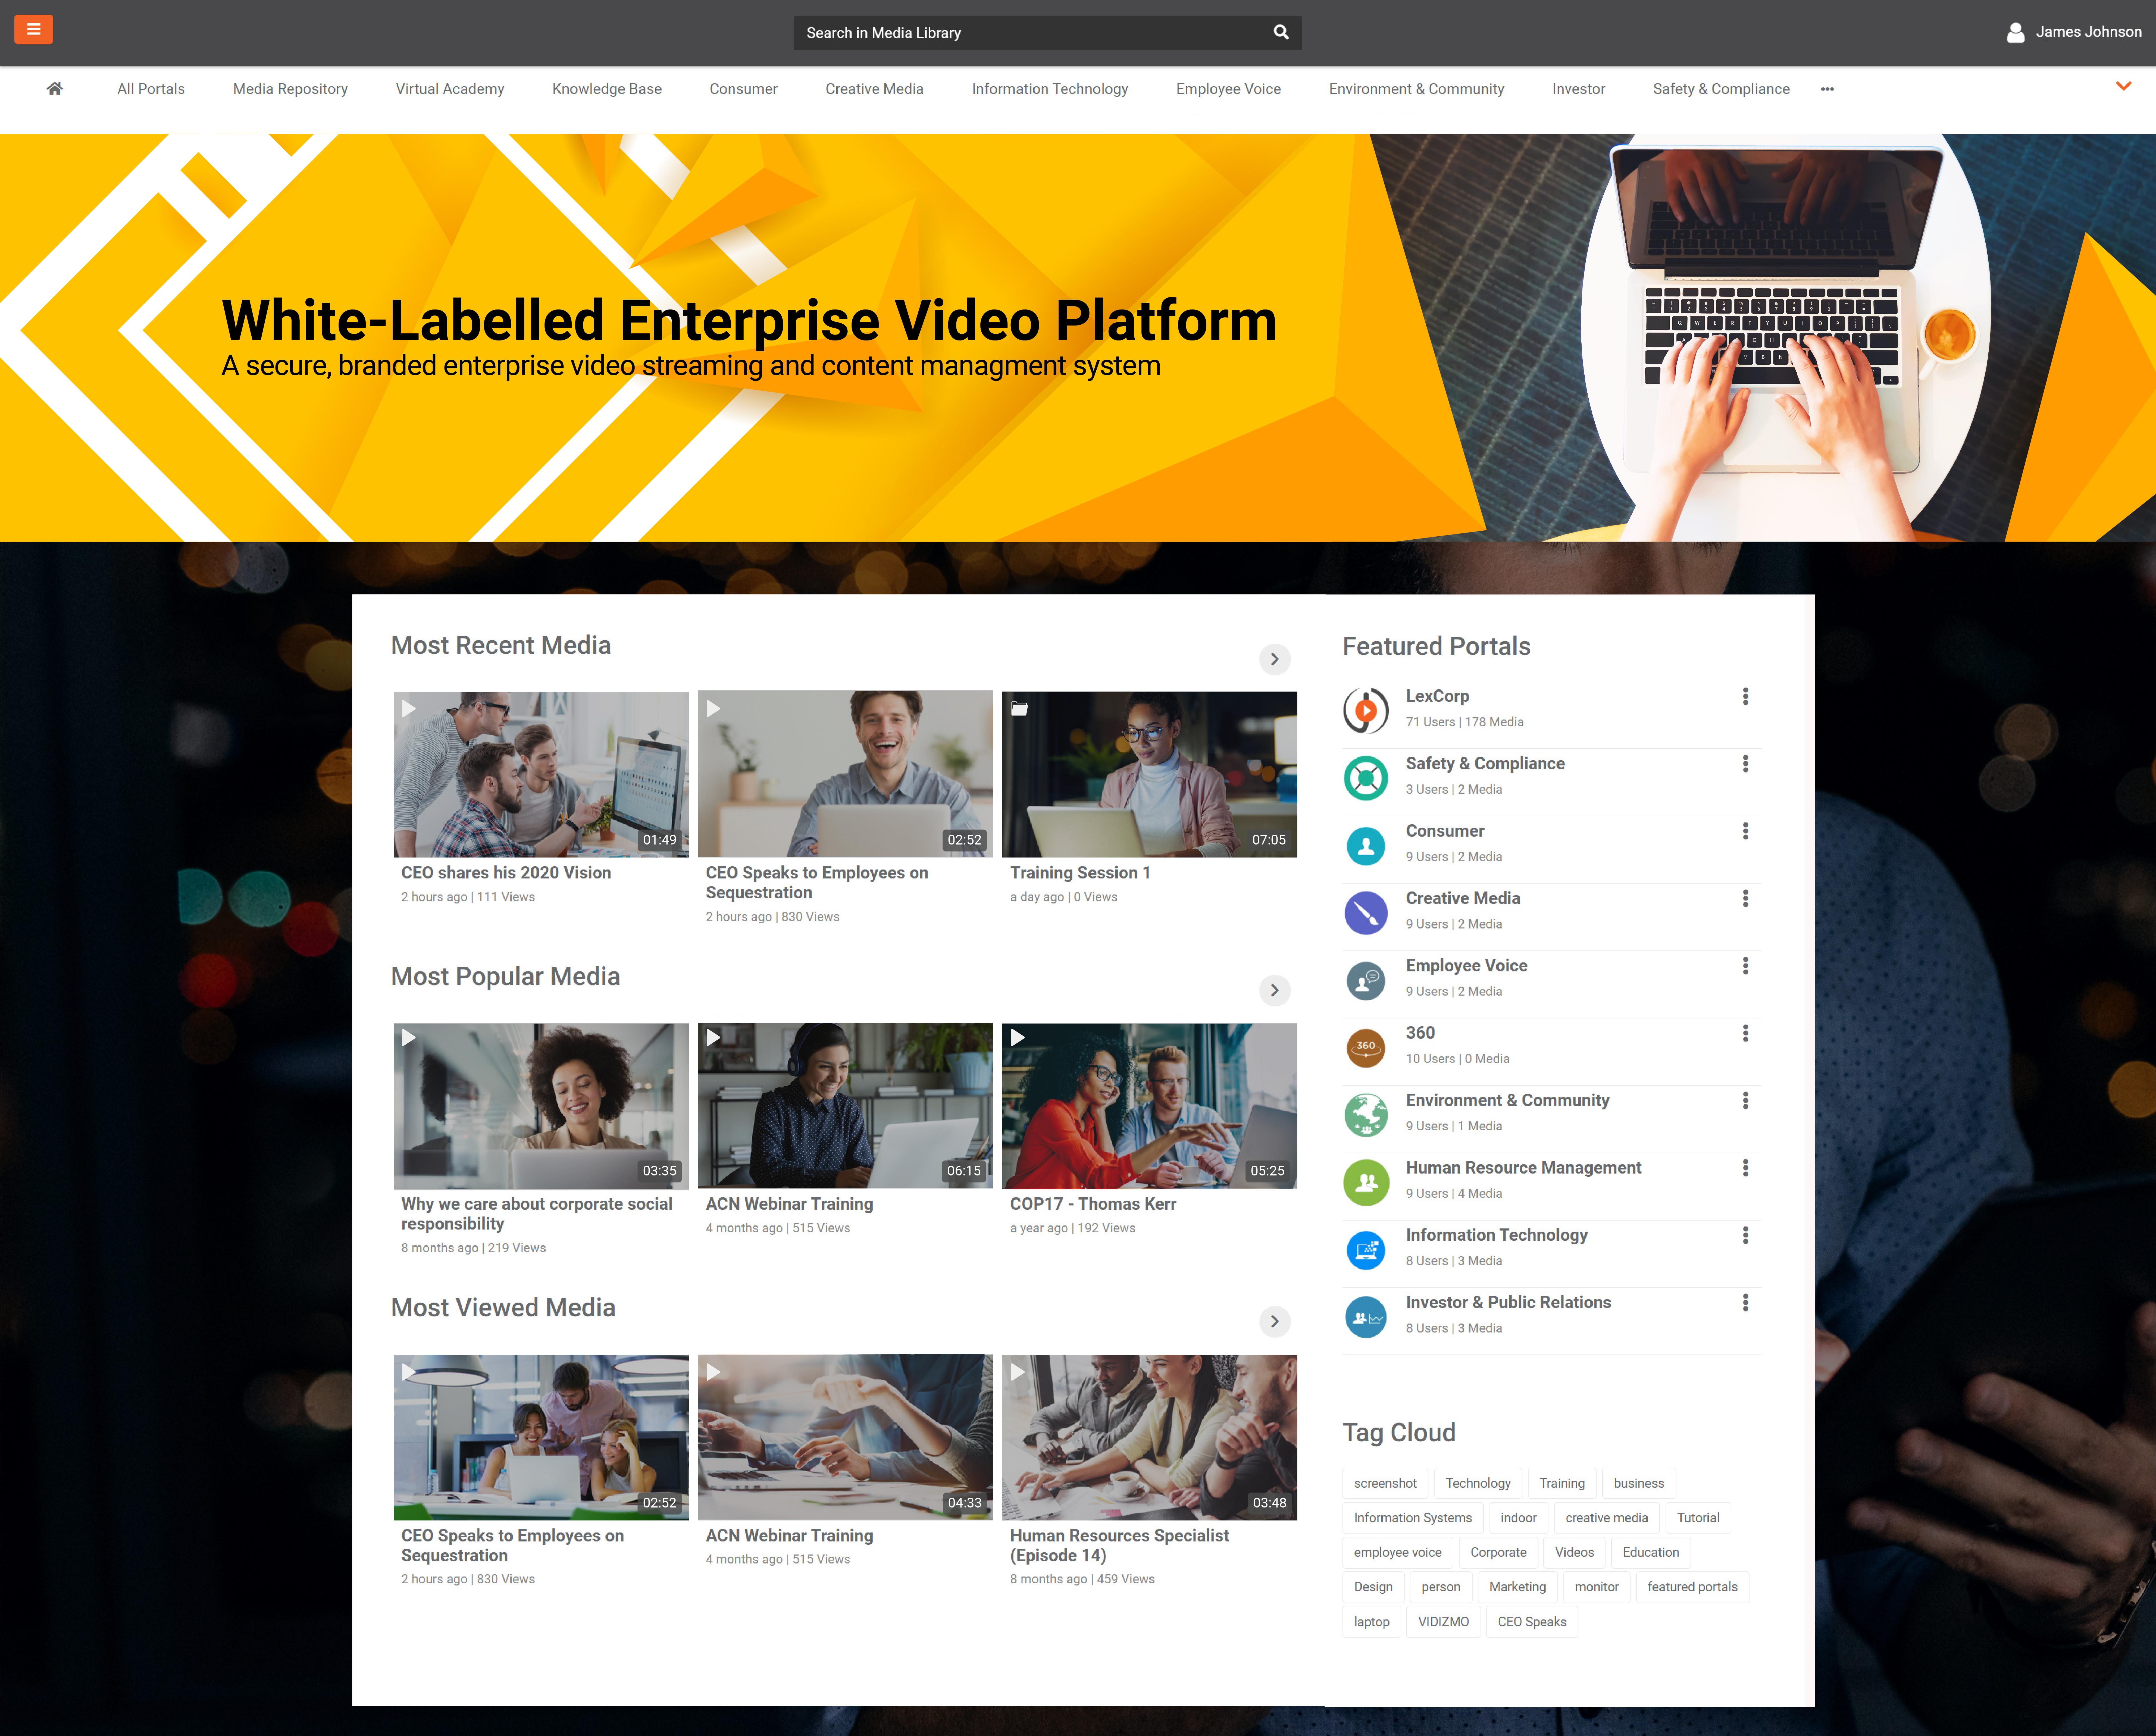 A screenshot of Enterprise Video Platform